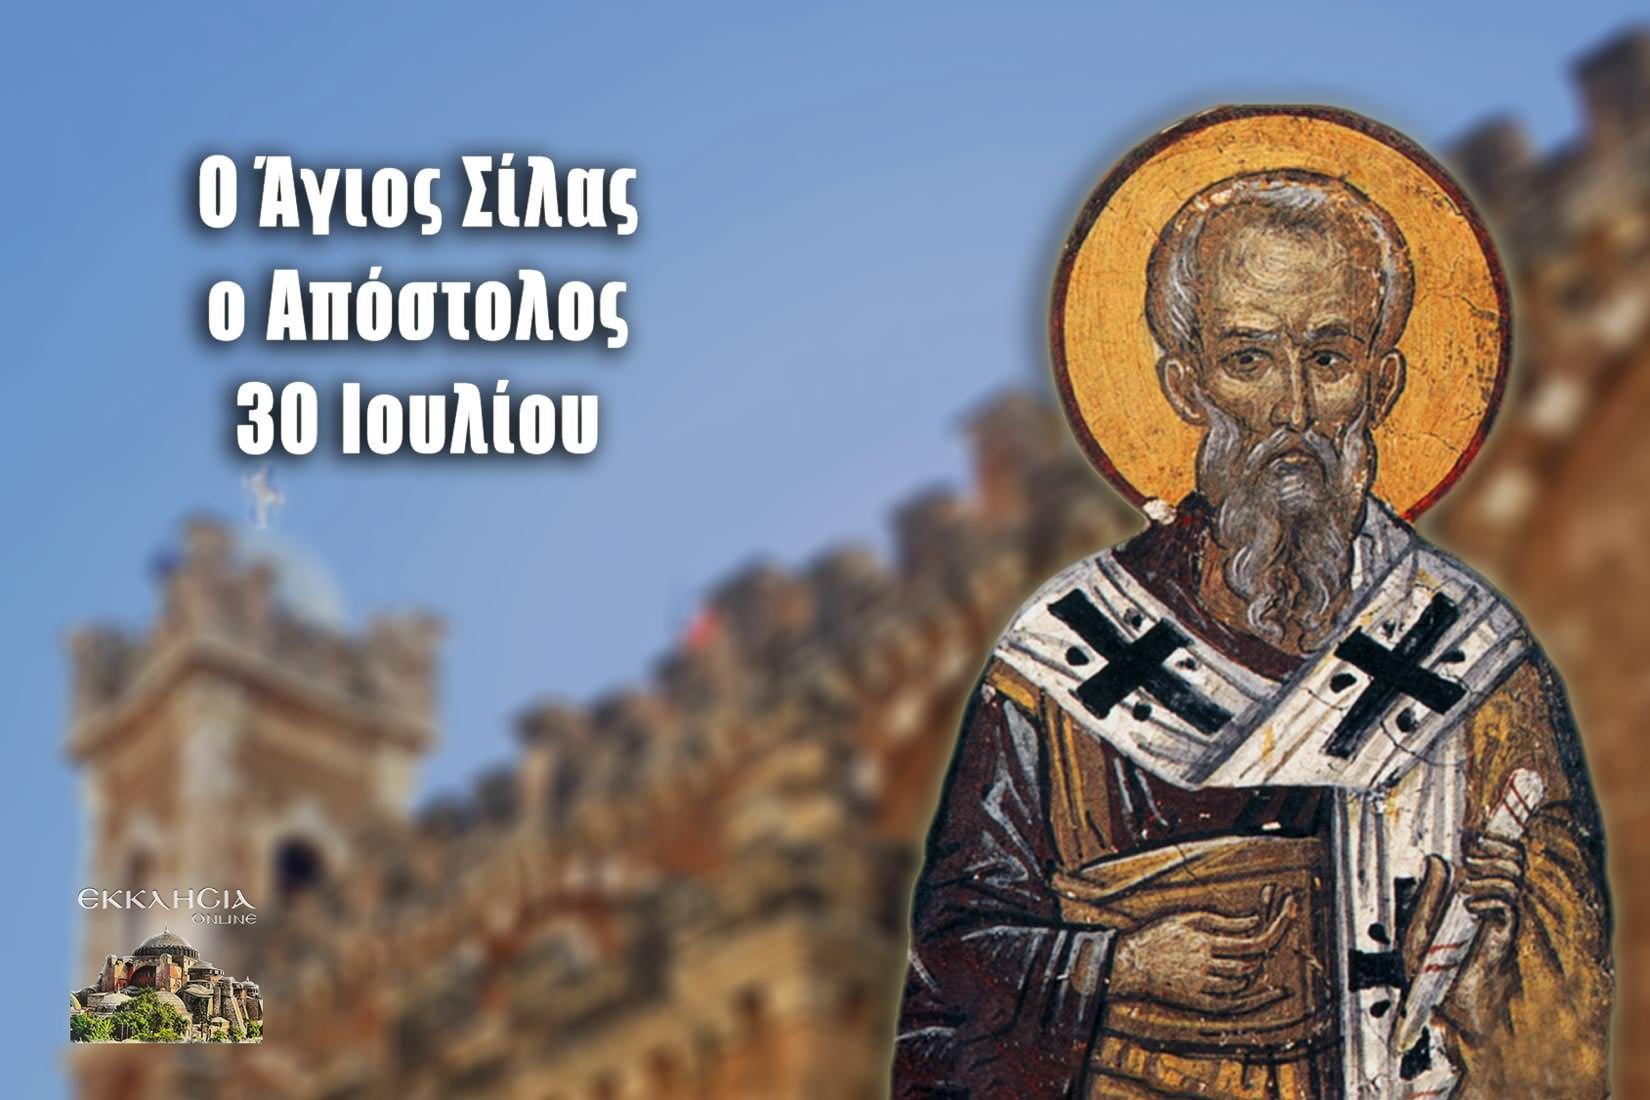 Άγιος Σίλας Απόστολος 30 Ιουλίου